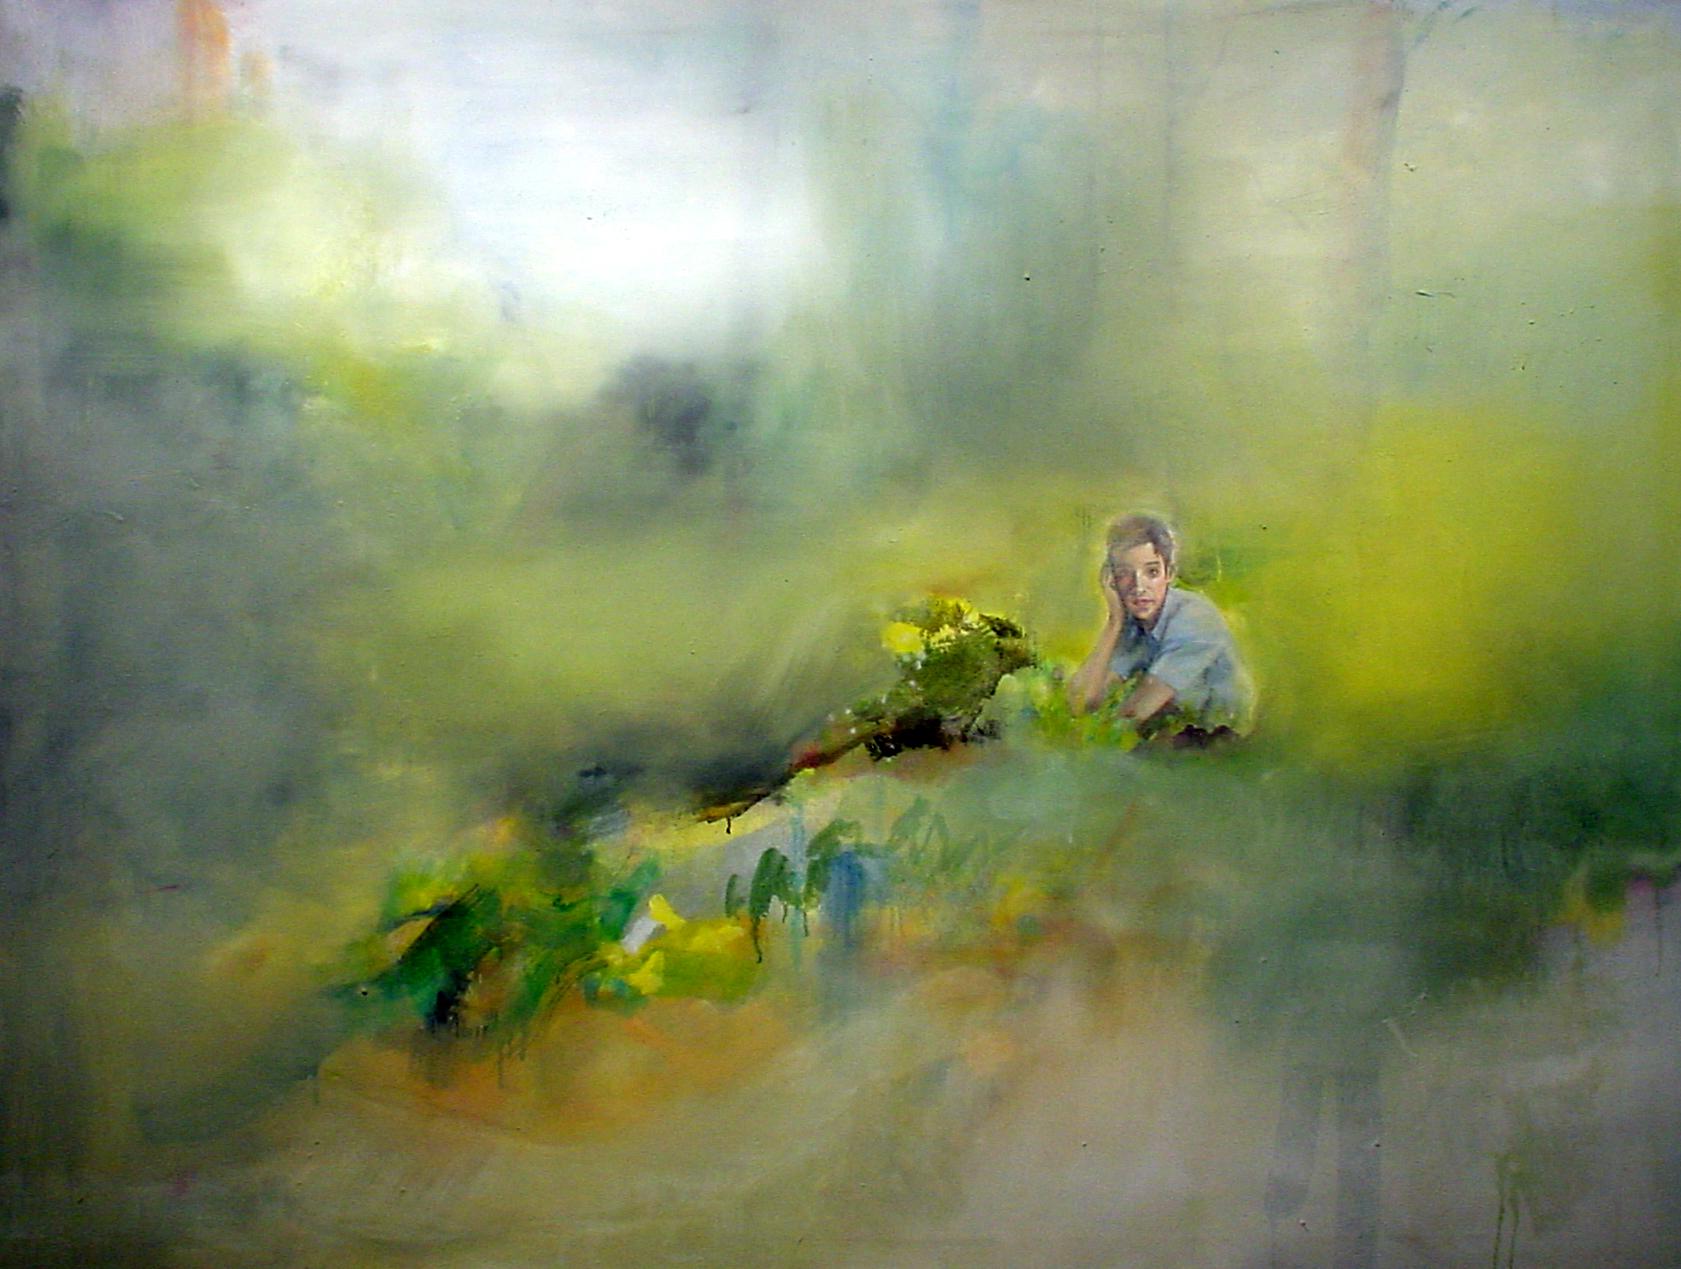 Jochen Klein Untitled | 1997          Oil on canvas          102 x 147 cm           Pinakothek der Moderne, München